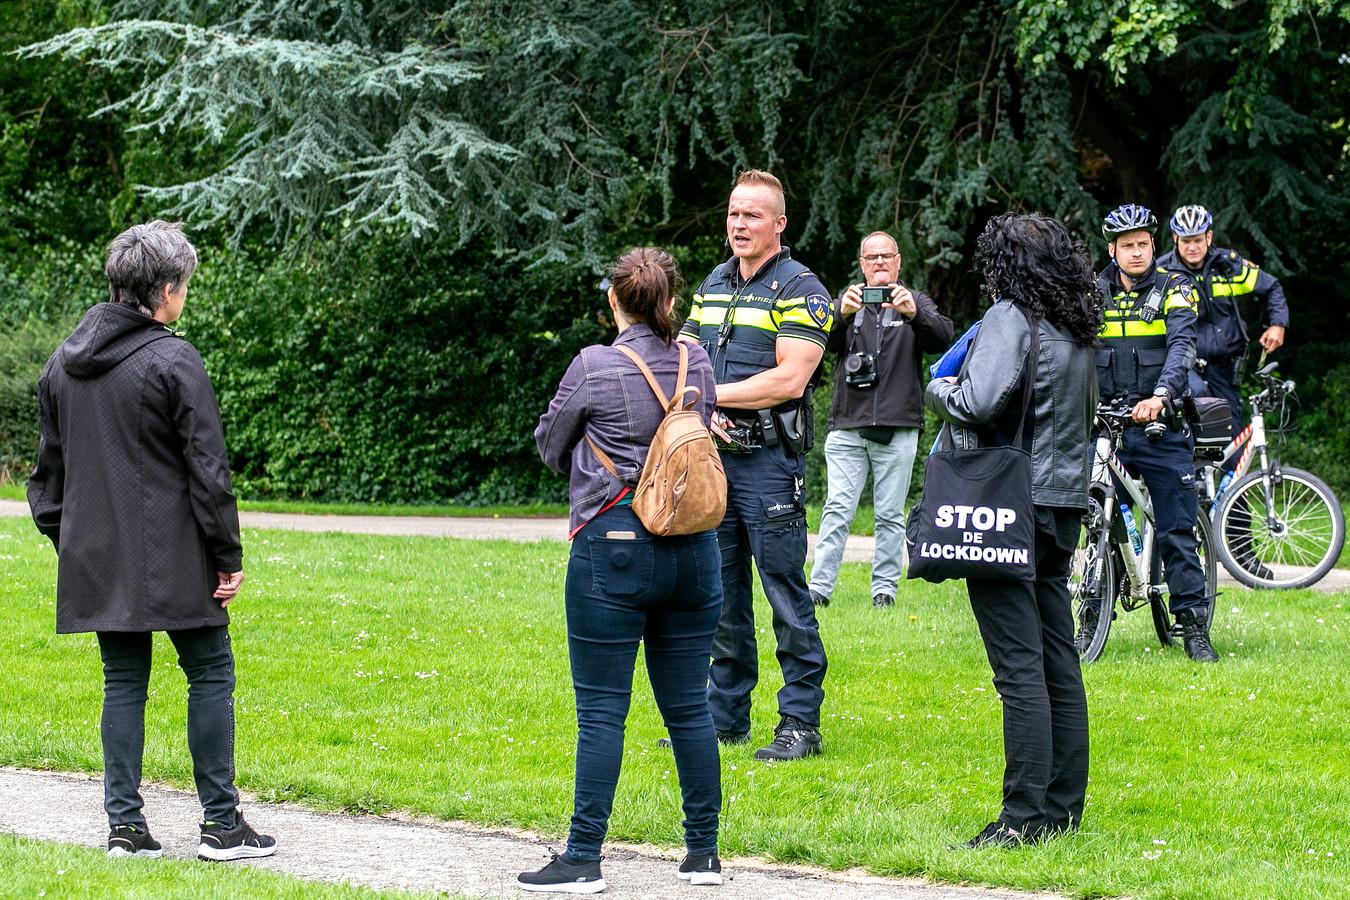 Demonstratie afgelopen zondag tegen de coronamaatregelen in het Weizigtpark in Dordrecht.